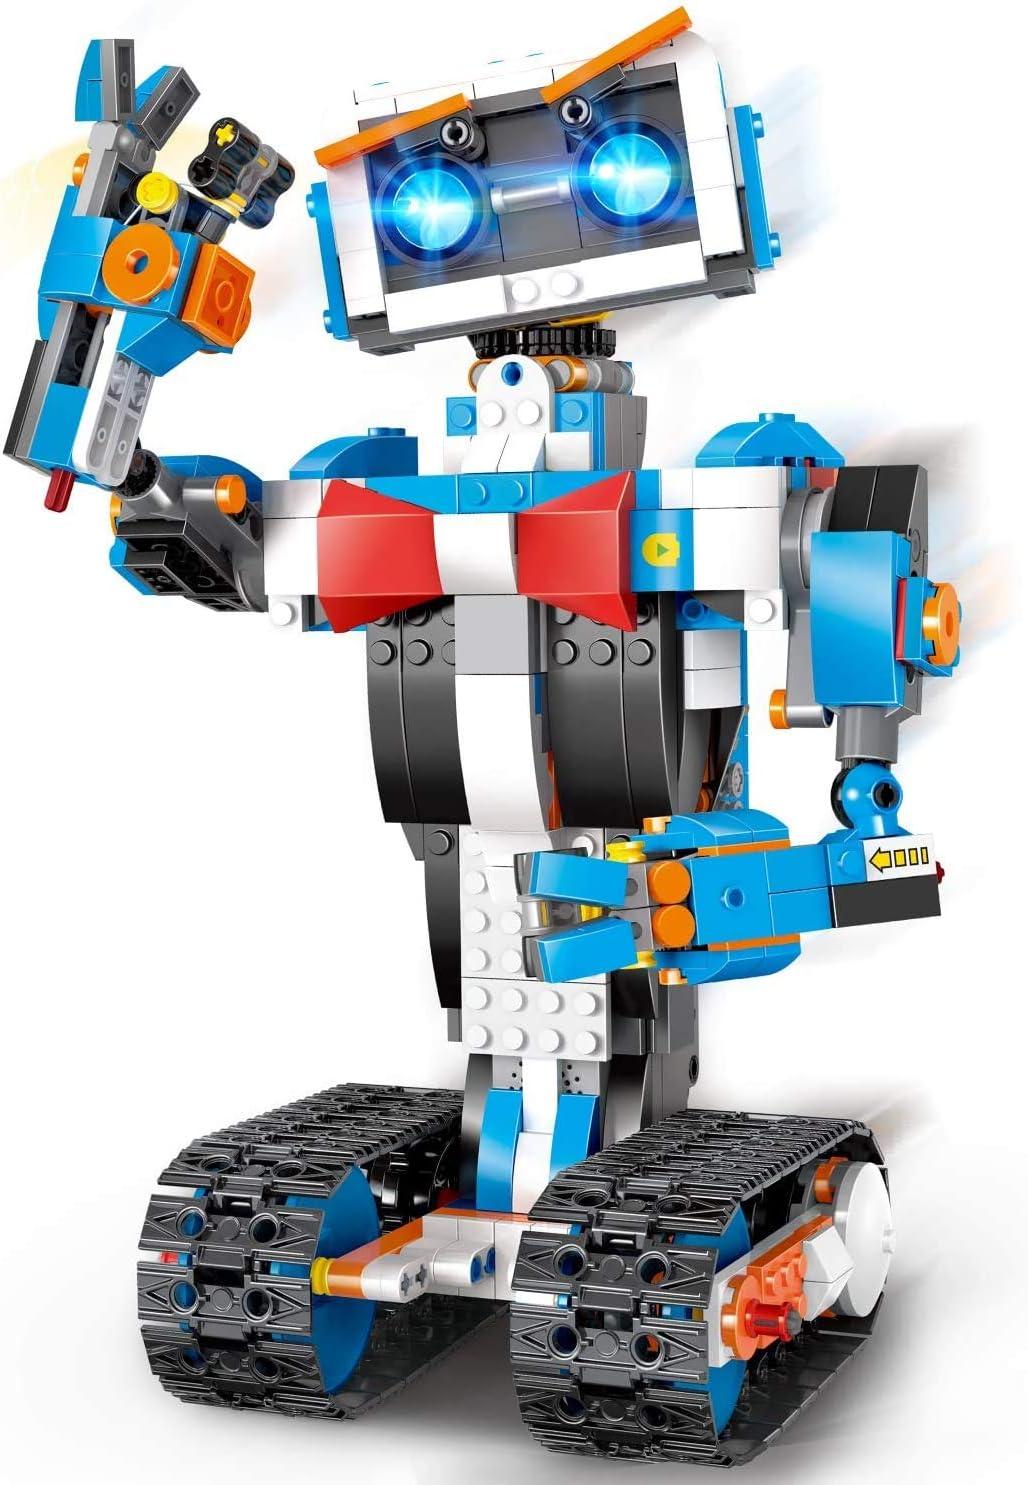 OKK Juguete Robot de Bloques de Construcción con Control Remoto Para Niños con Control de Aplicaciones, Ingeniería Científica Educativa STEM Build Kit Robótico Inteligente Interactivo Para Niños de